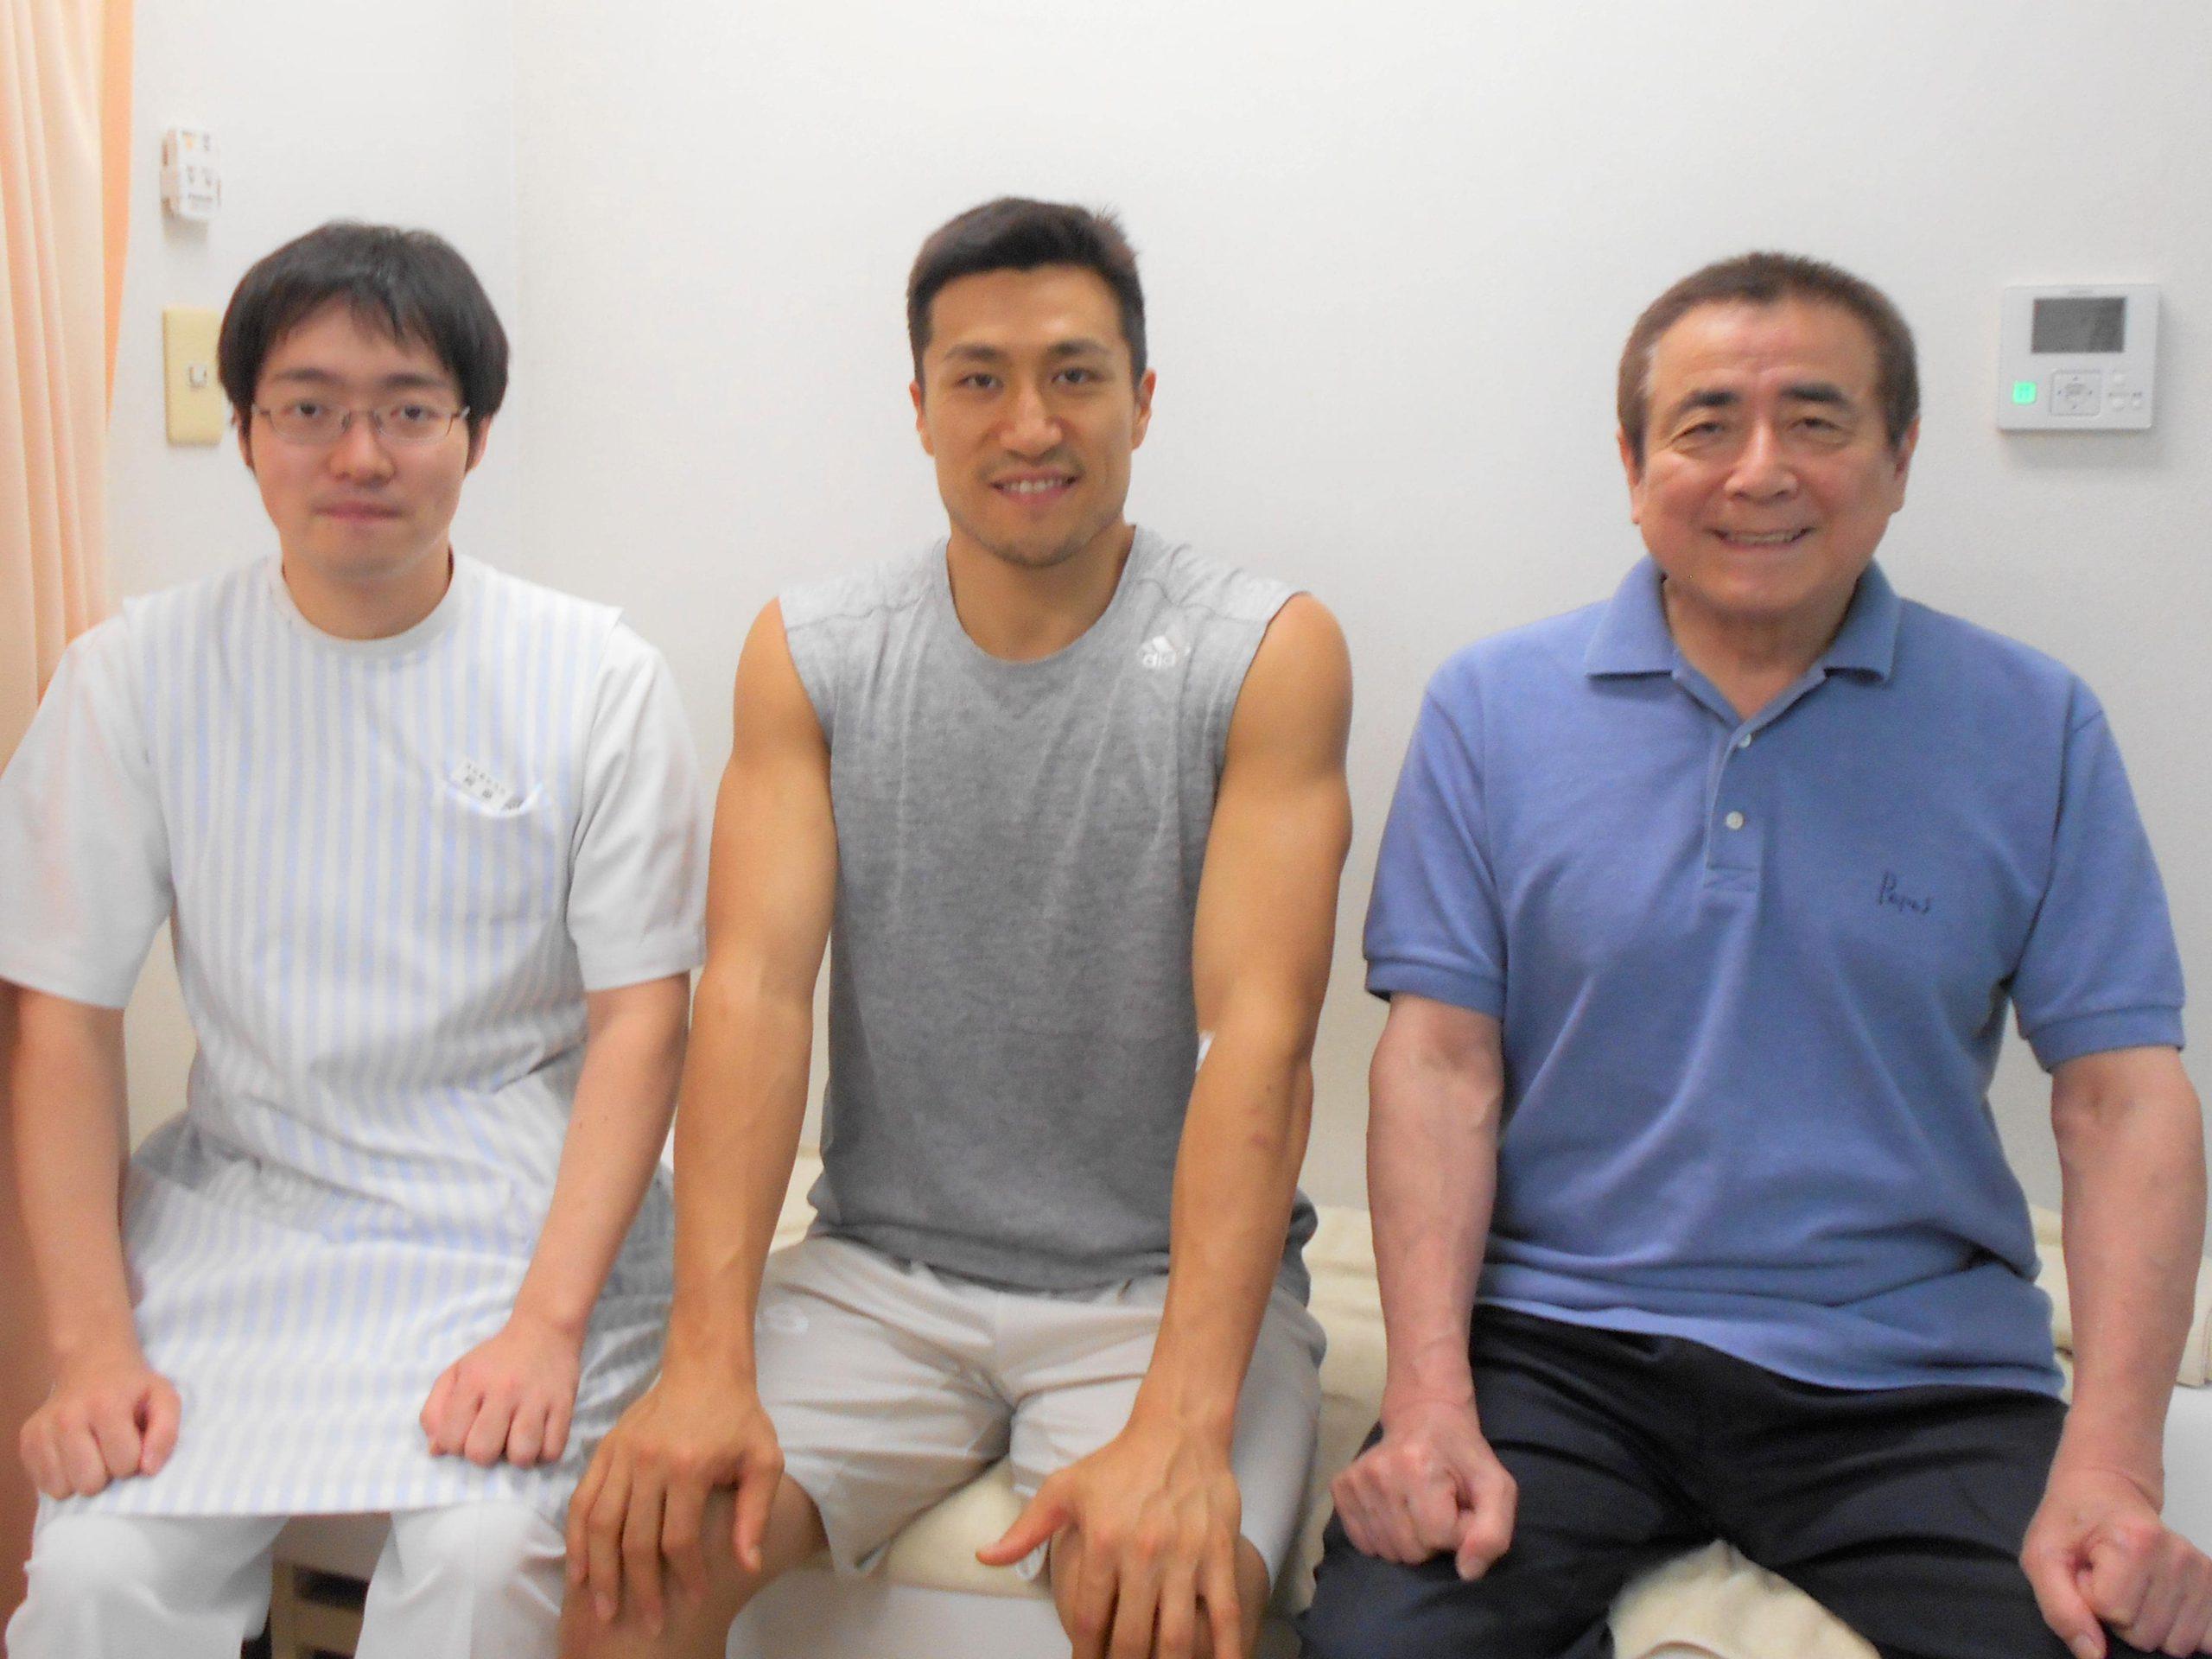 仙台89ERSの片岡大晴選手が浅沼整形外科に来院されました